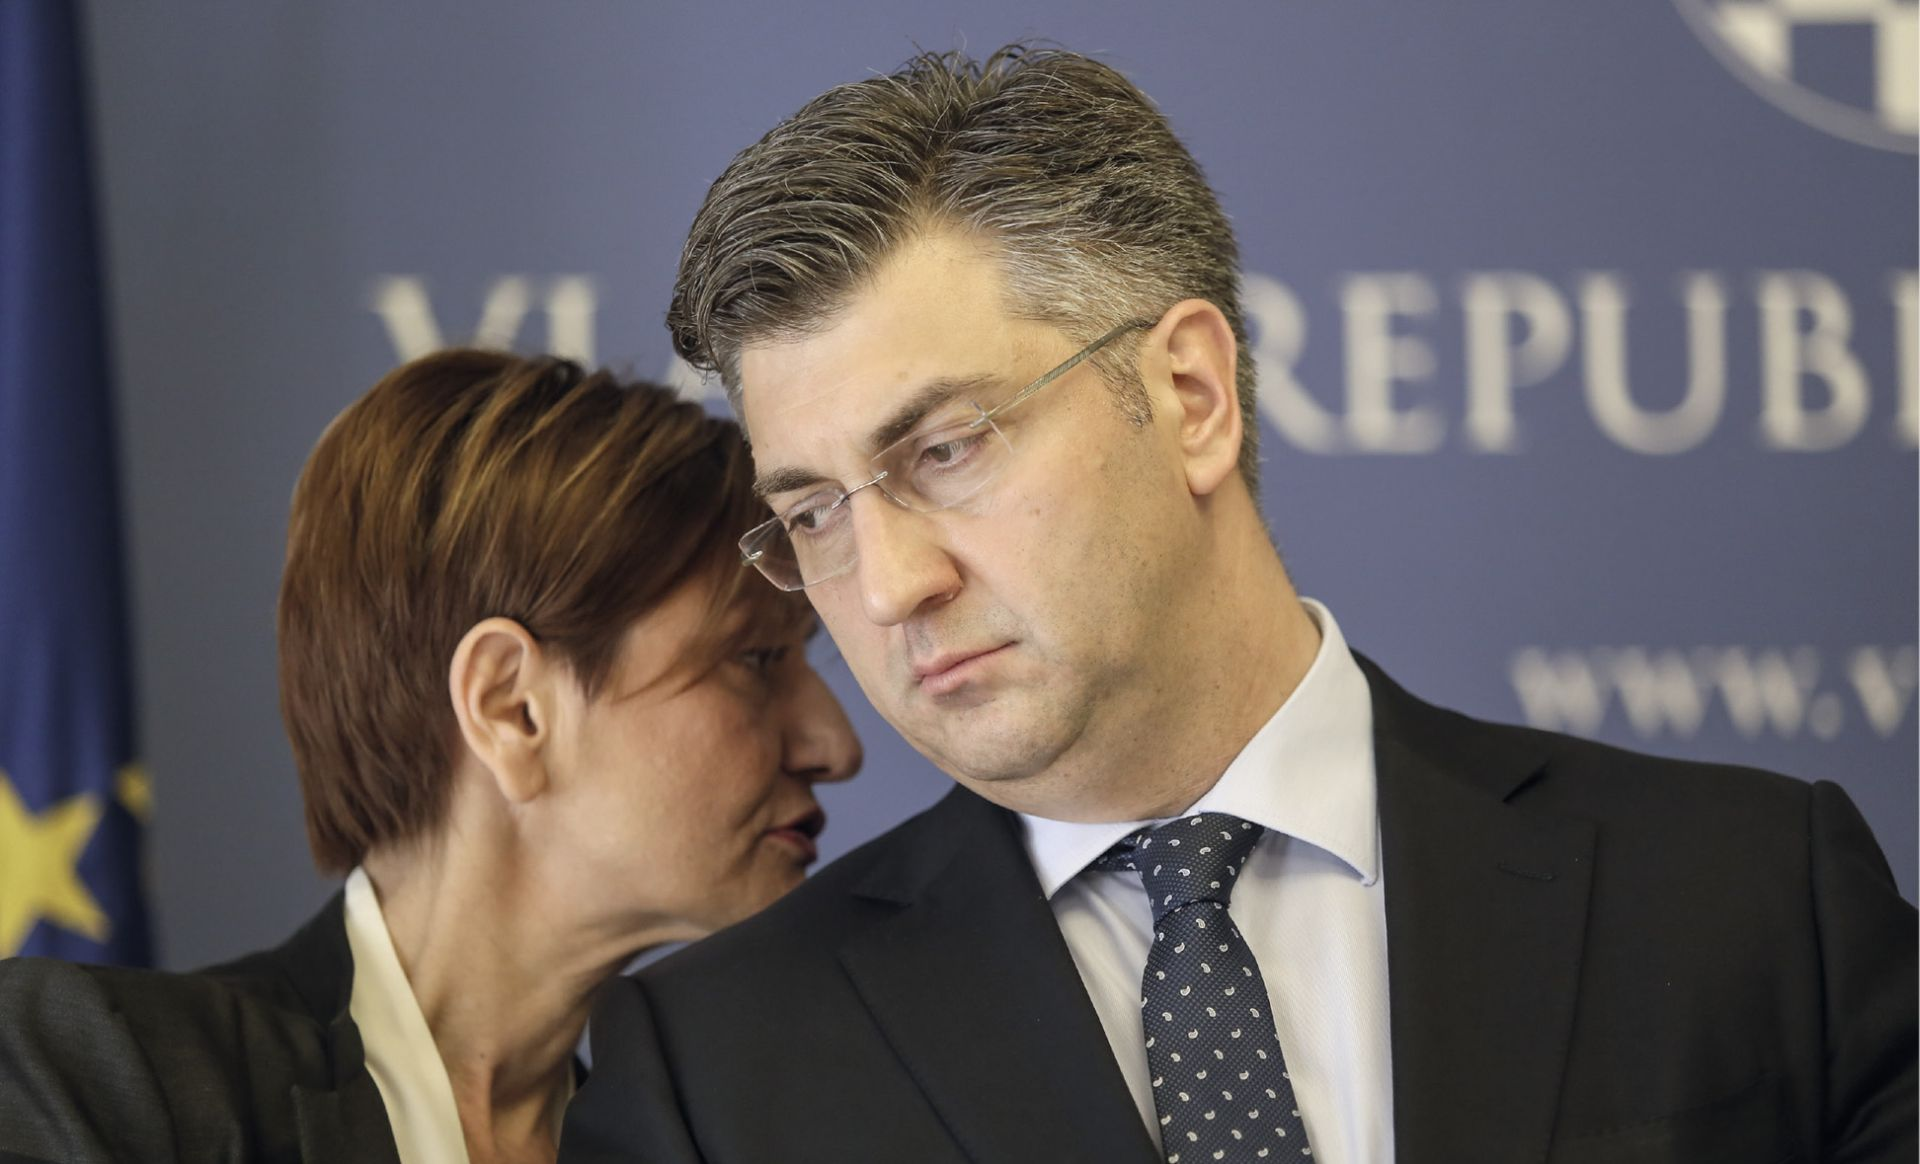 ZBOG POPUŠTANJA DESNICI Hrvatska bi se kao i Poljska mogla naći na udaru Europarlamenta